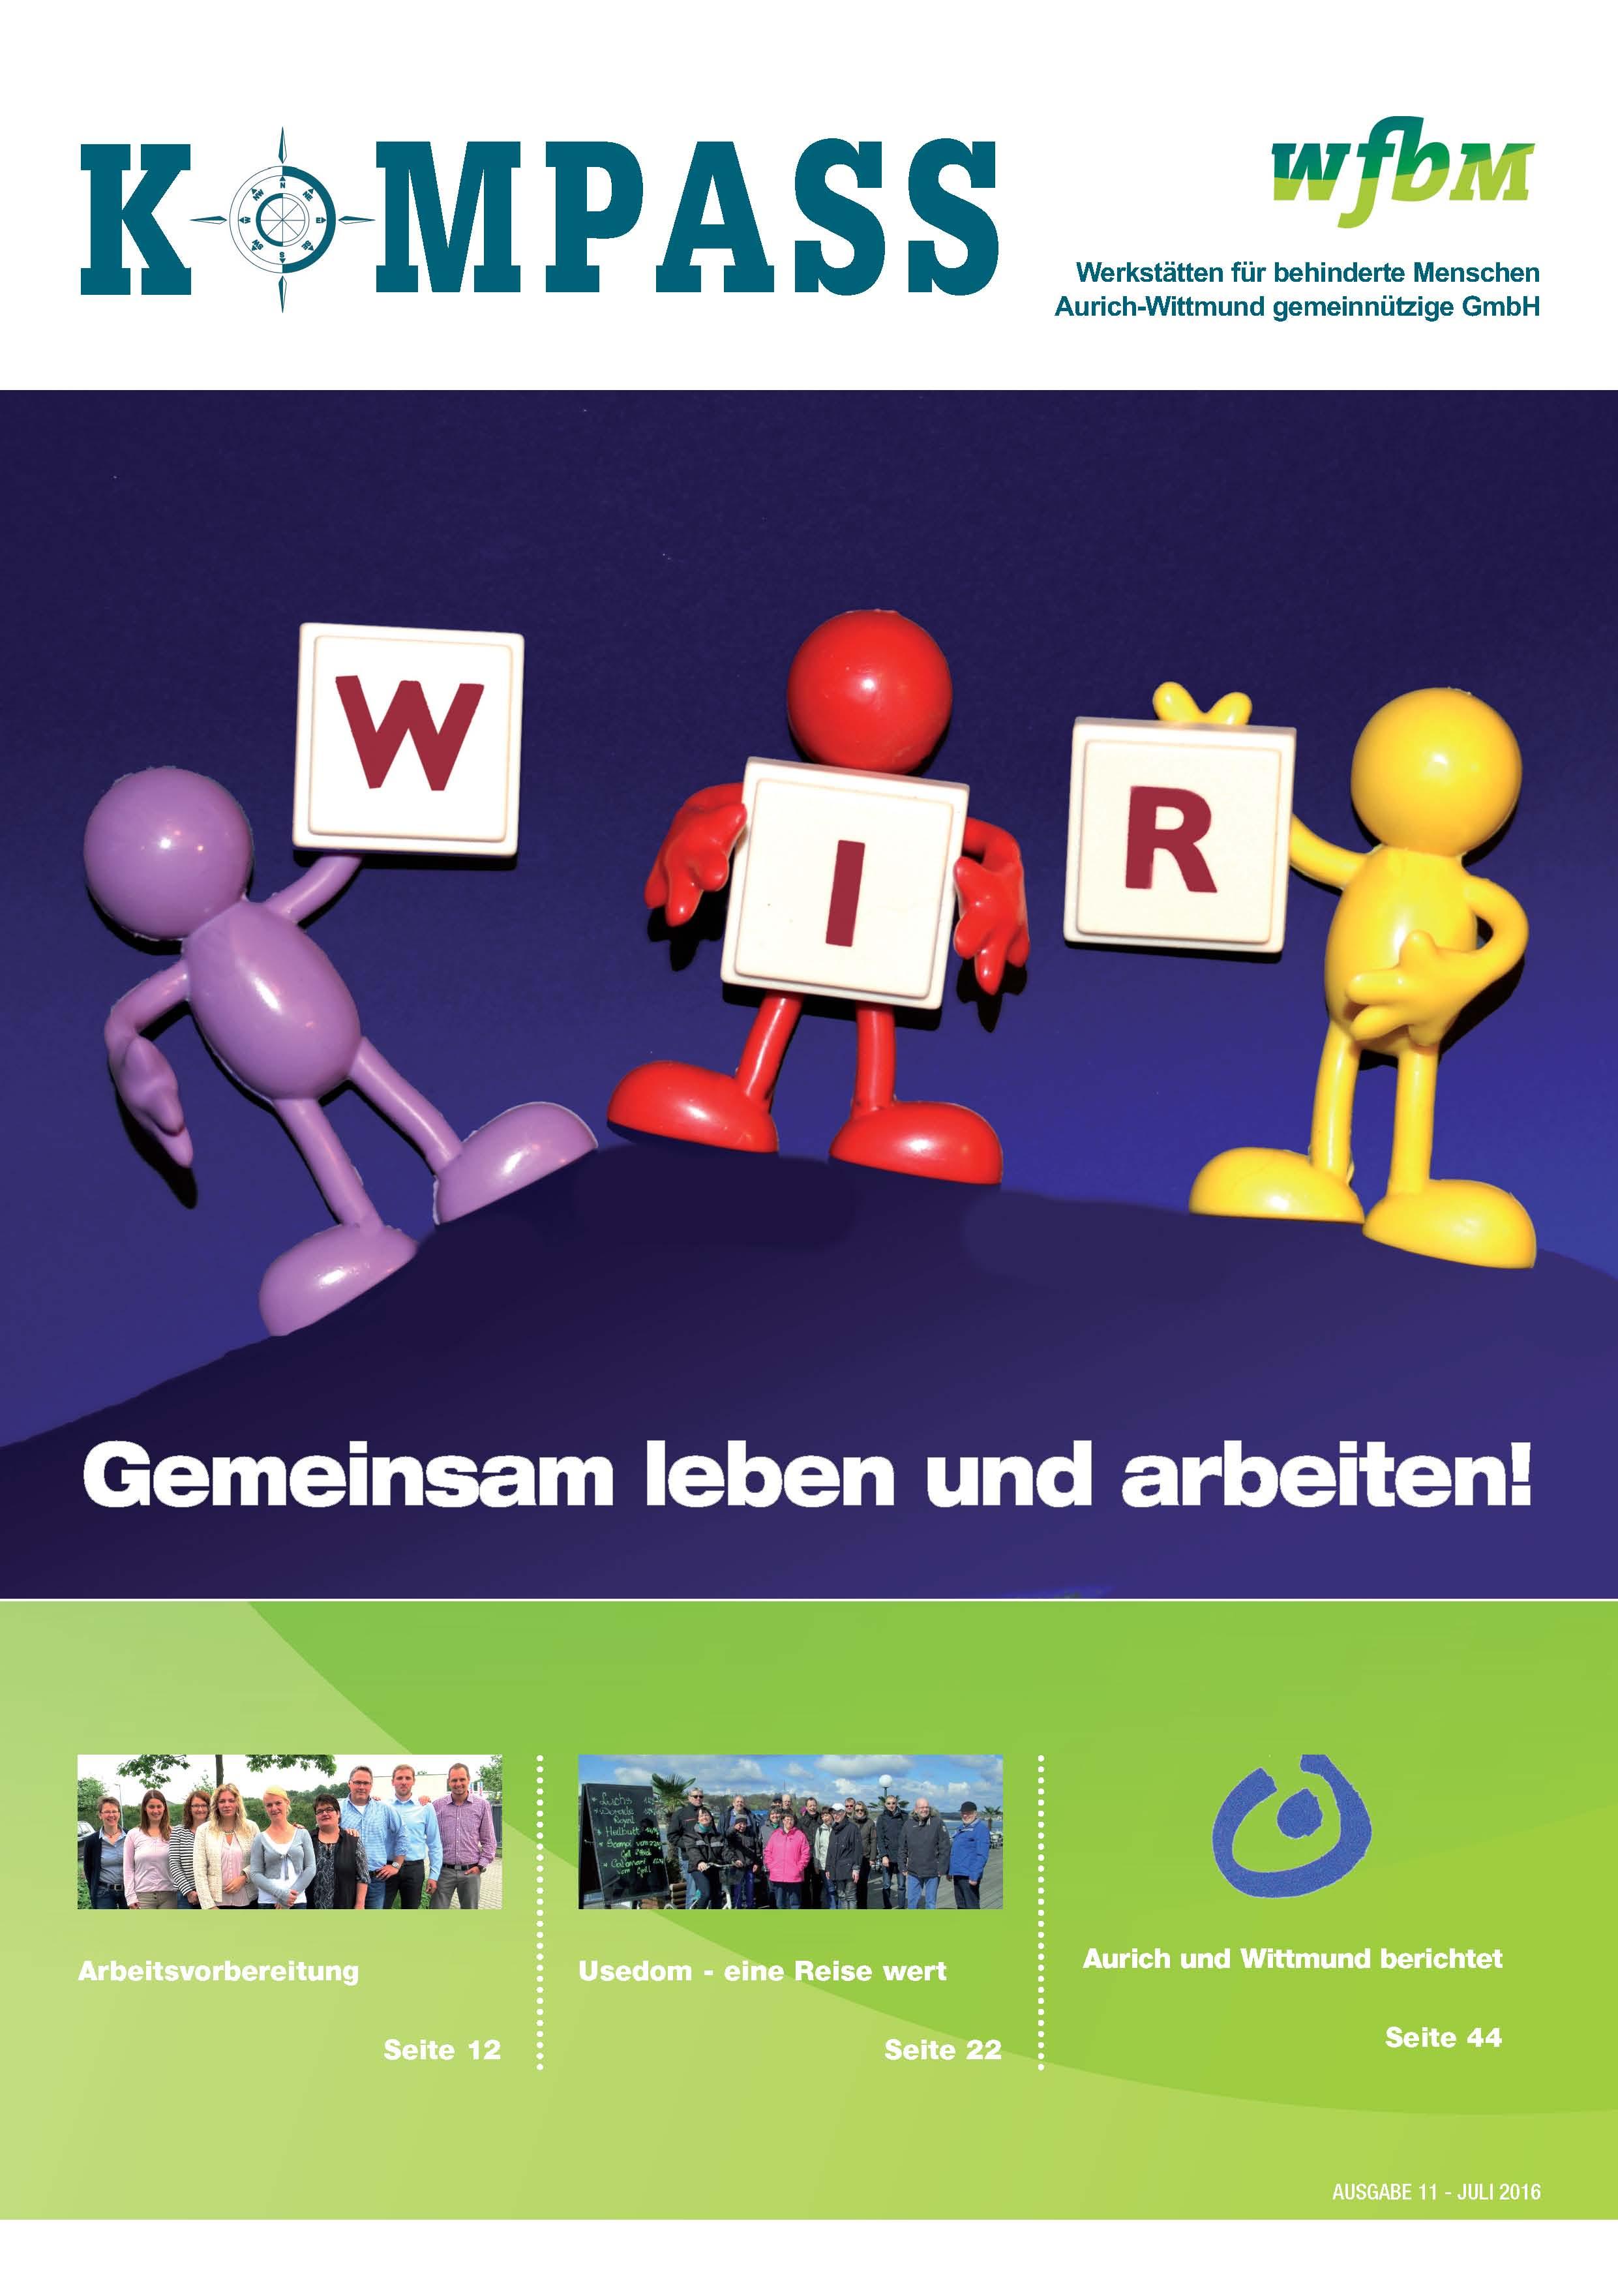 KOMPASS-11-Titelseite-Wir